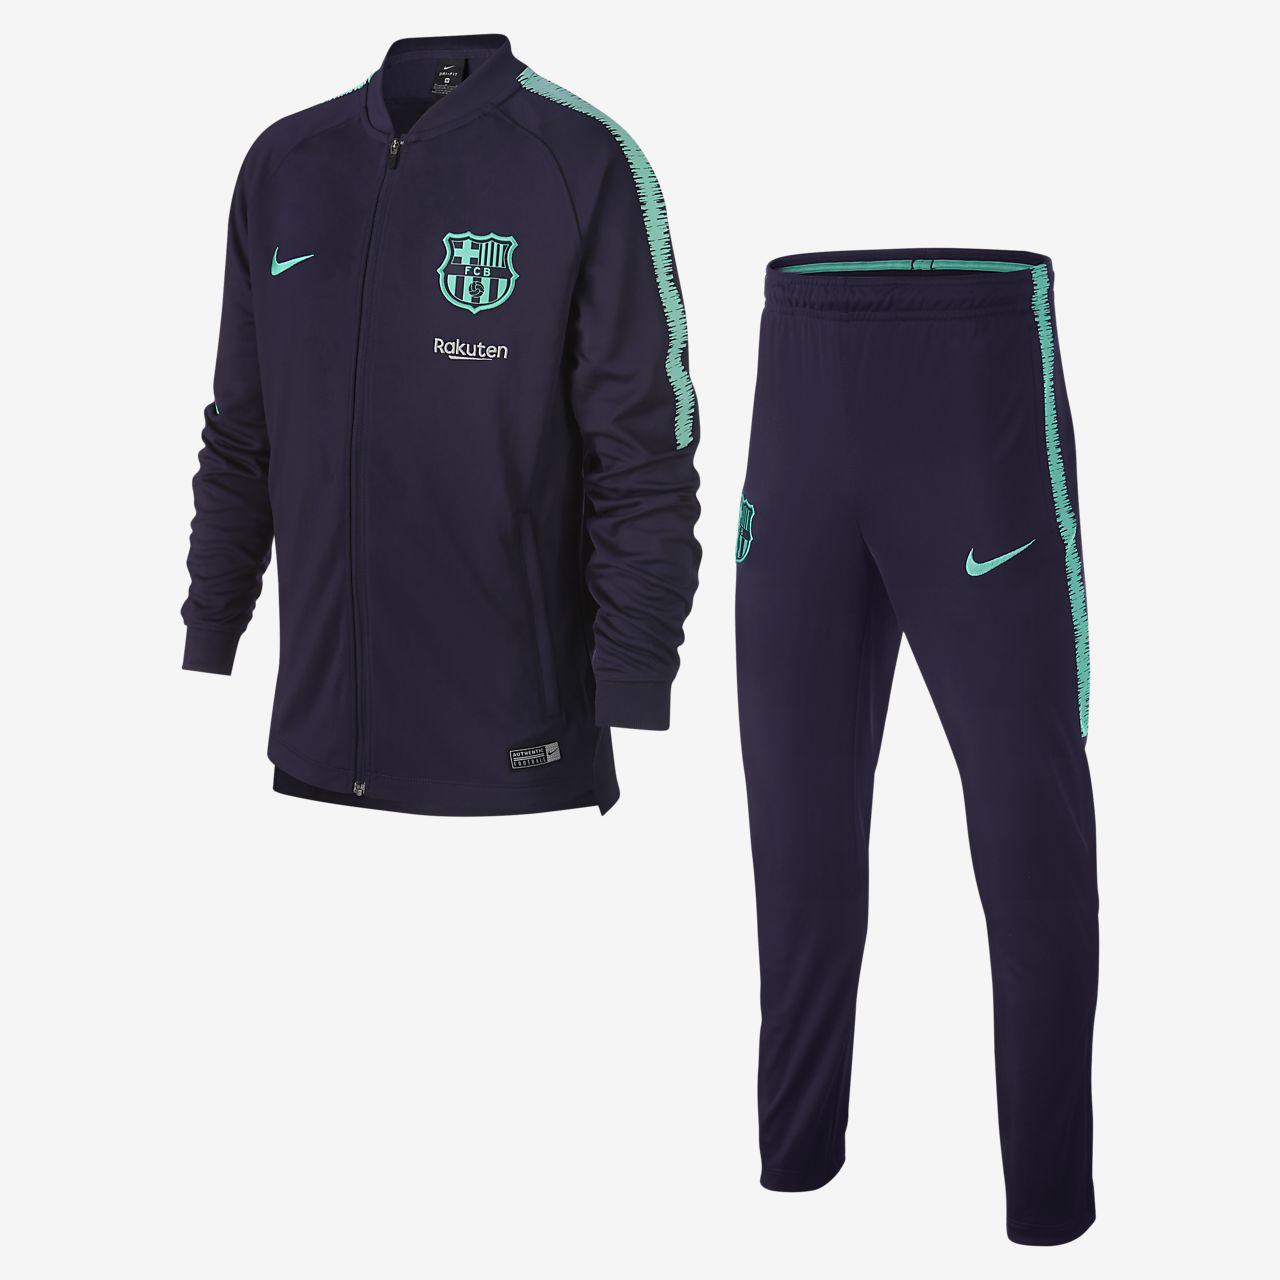 Enfant Fc Squad De Dri Survêtement Plus Football Fit Pour Barcelona ARq5S4jLc3